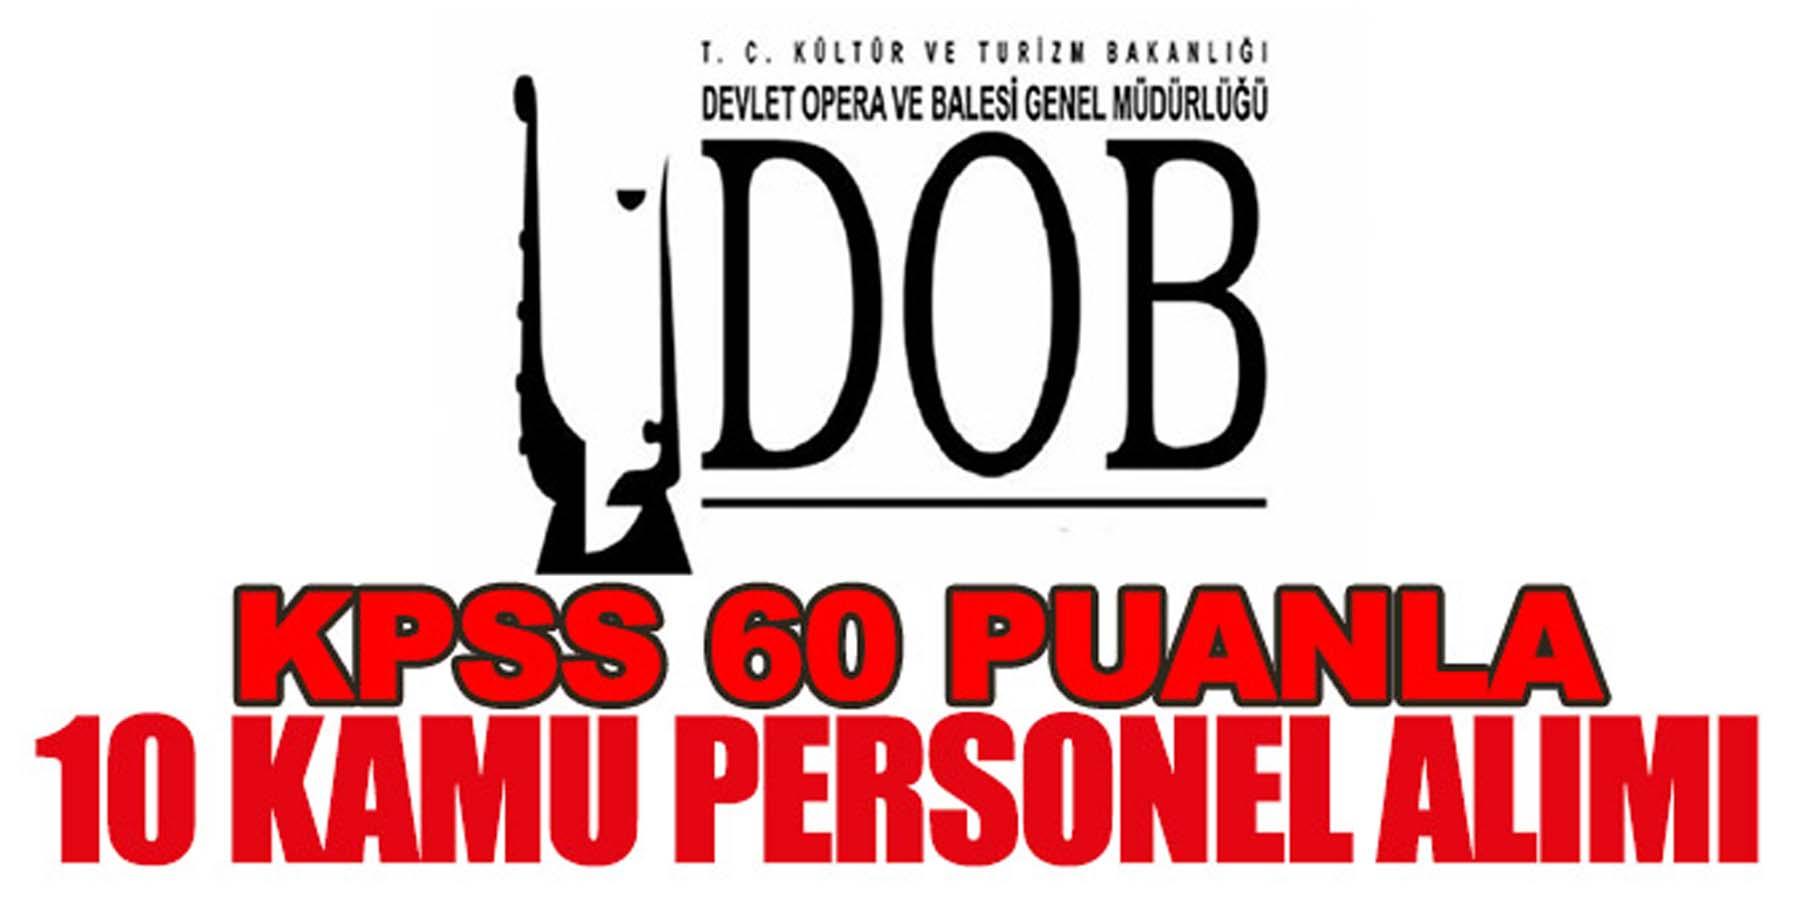 DOB KPSS'siz/KPSS 60 Puanla 10 Kamu Personel Alımı (Güvenlik Görevlisi)